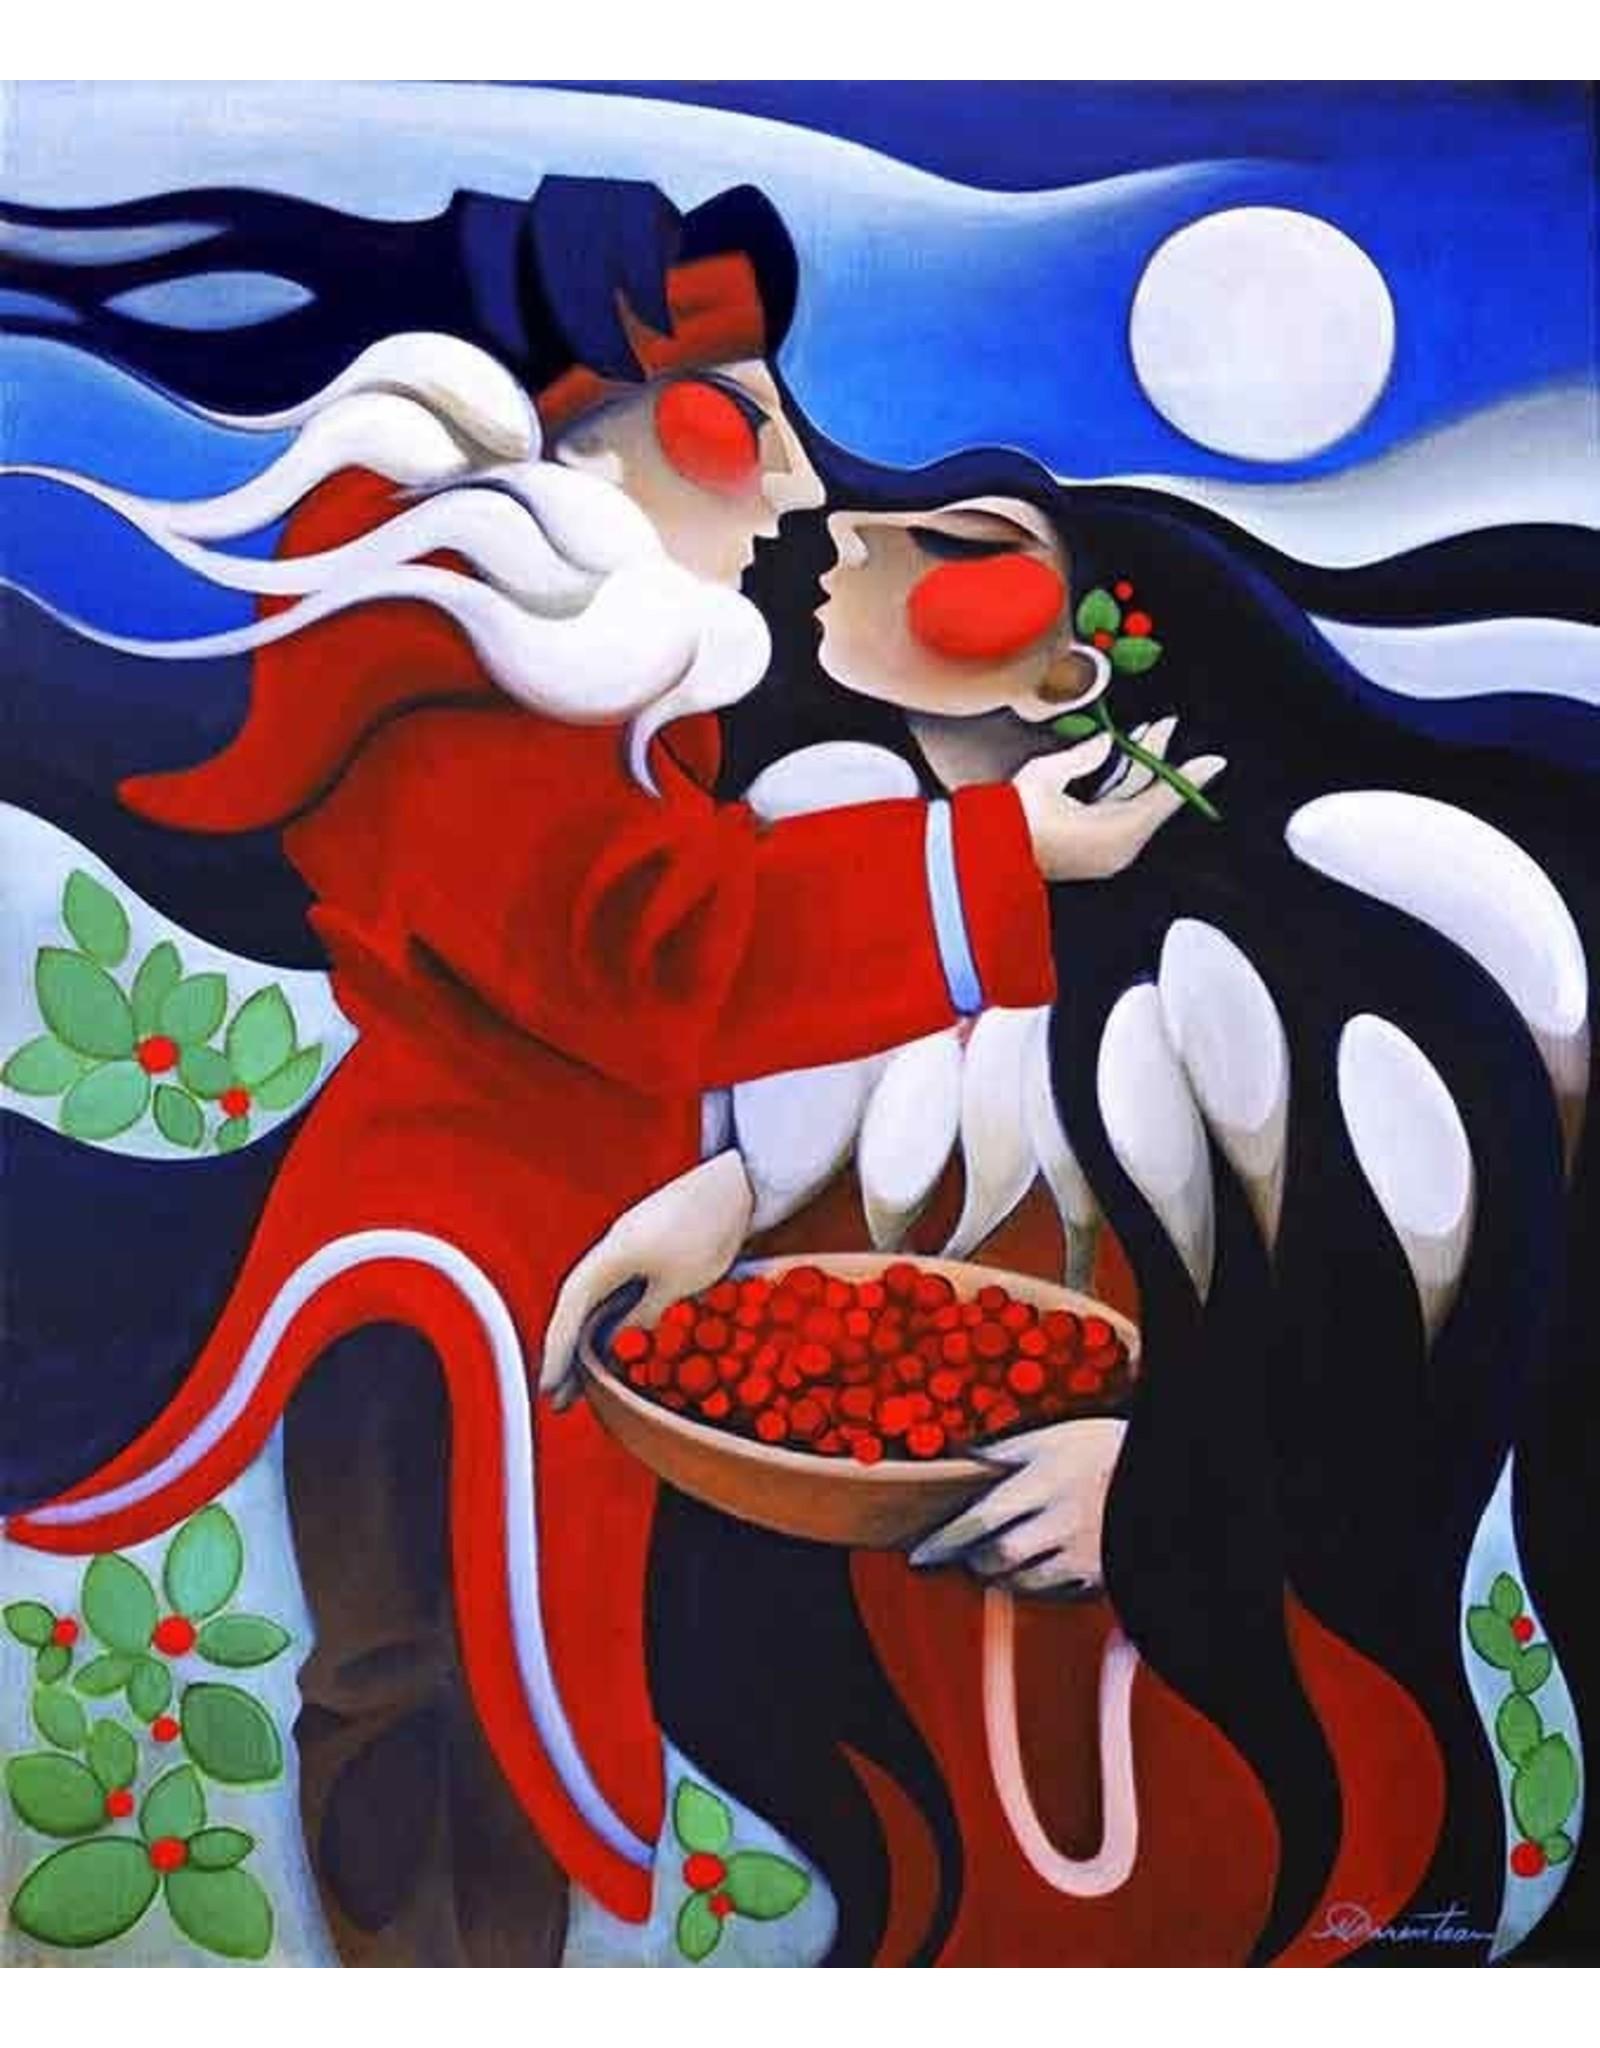 Nathalie Parenteau Autumn Romance | Nathalie Parenteau